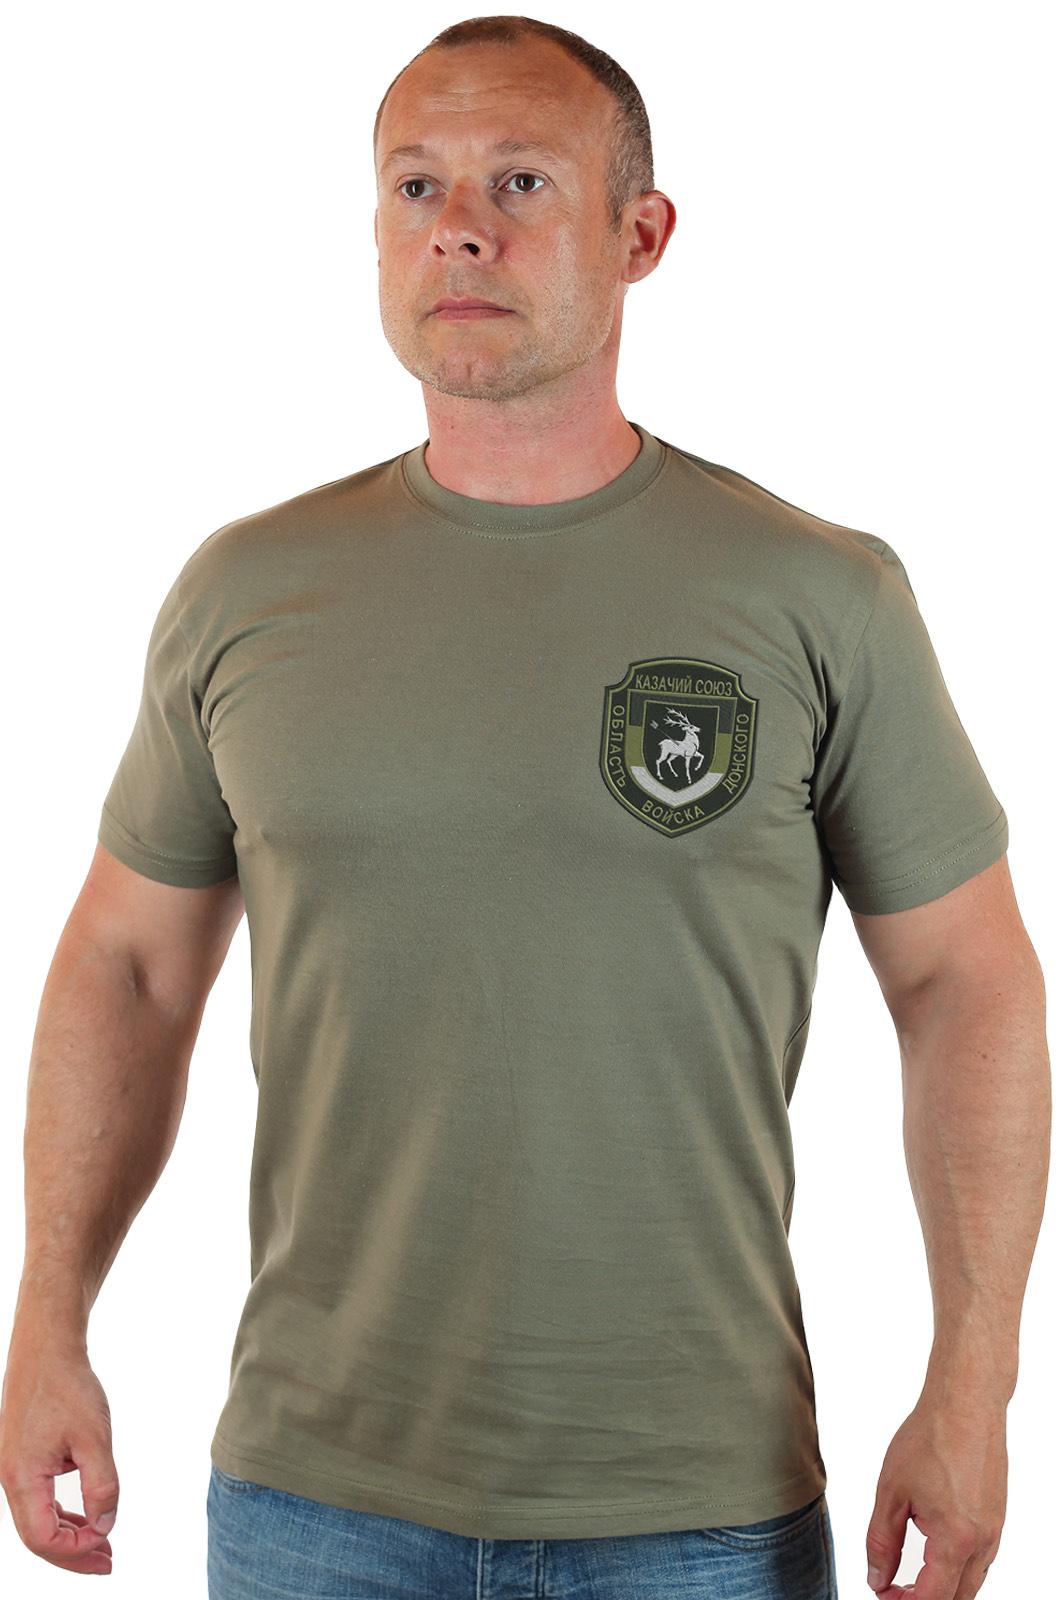 Купить в военторге военную футболку Казачий Союз, Область войска Донского